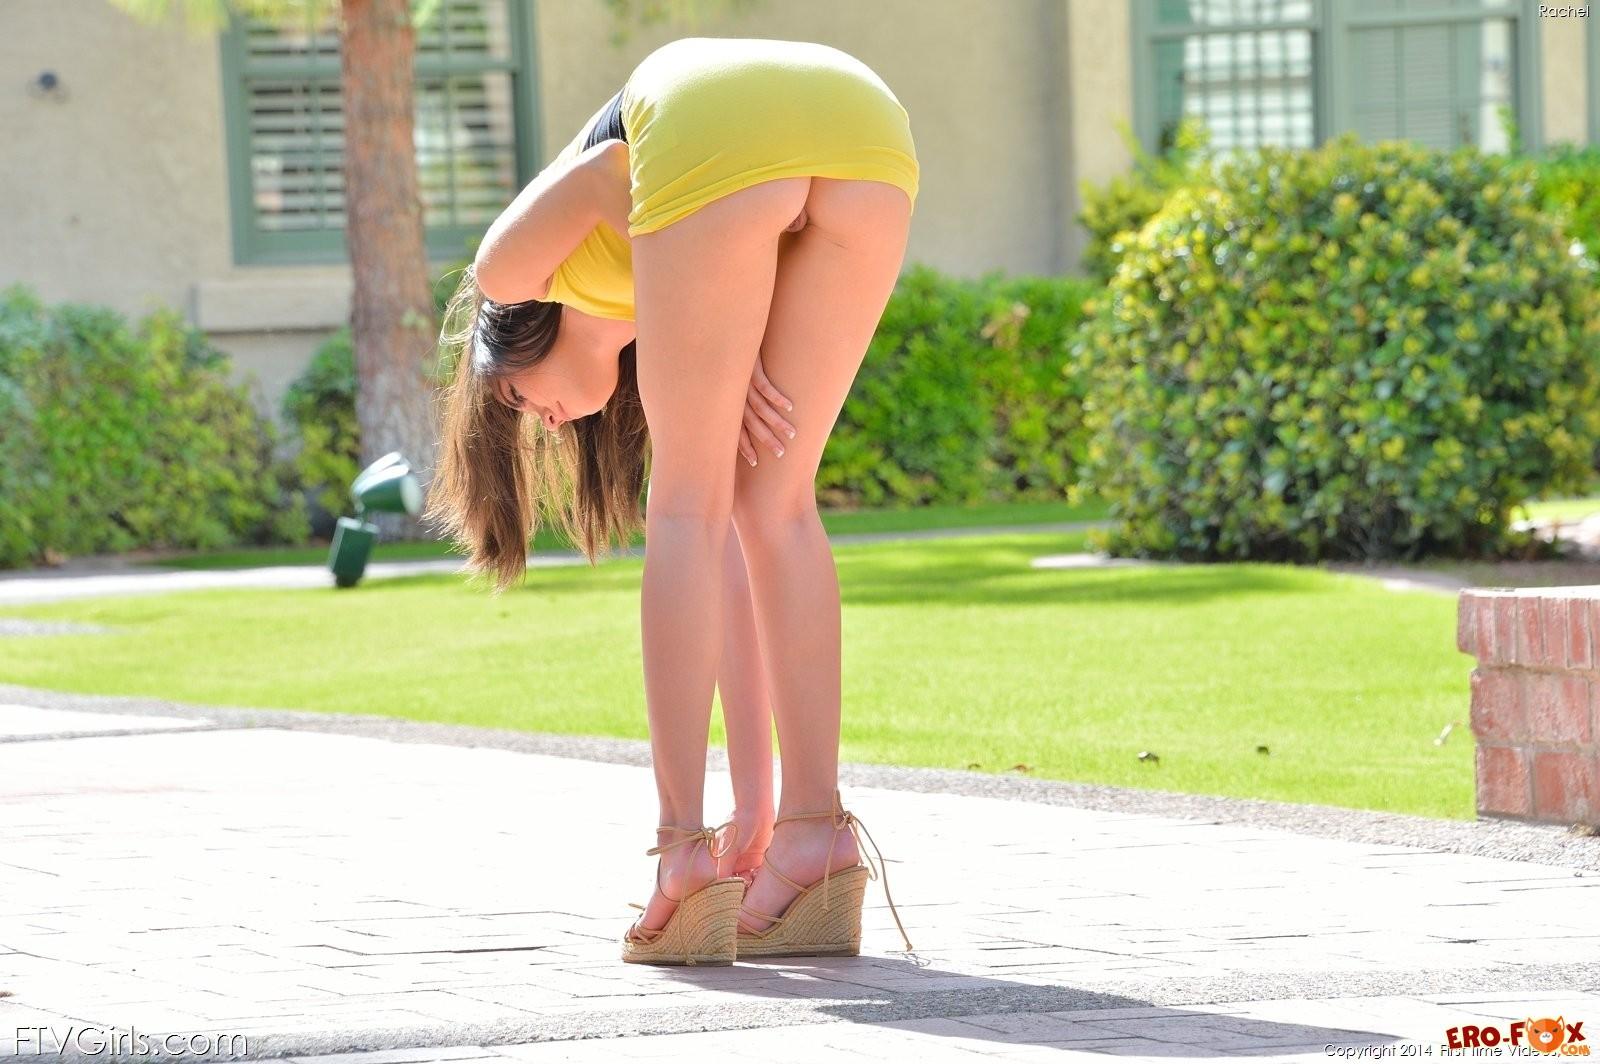 Девушка на улице показала что под платьем .